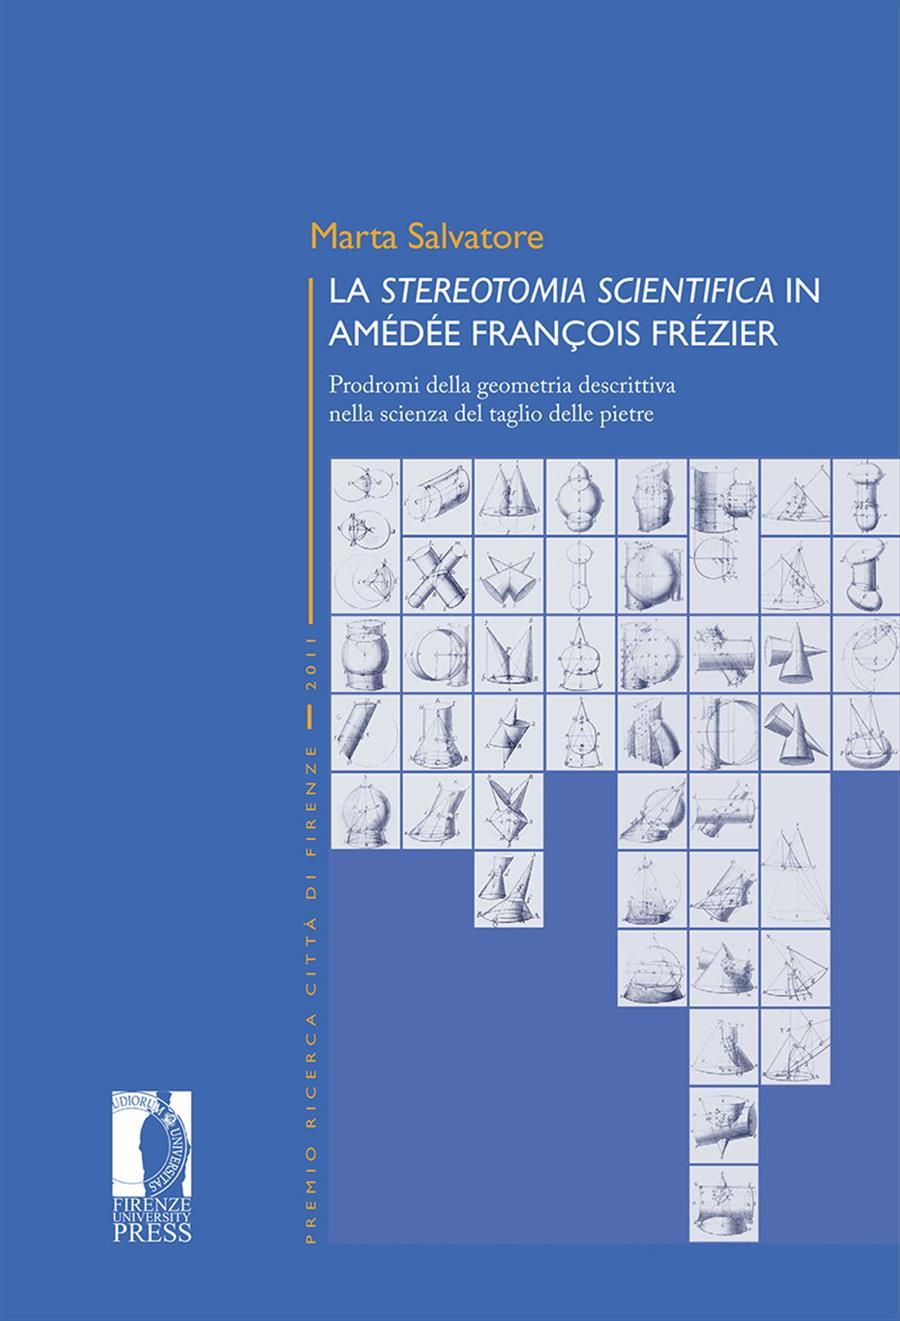 """La """"stereotomia scientifica"""" in Amédée François Frézier"""